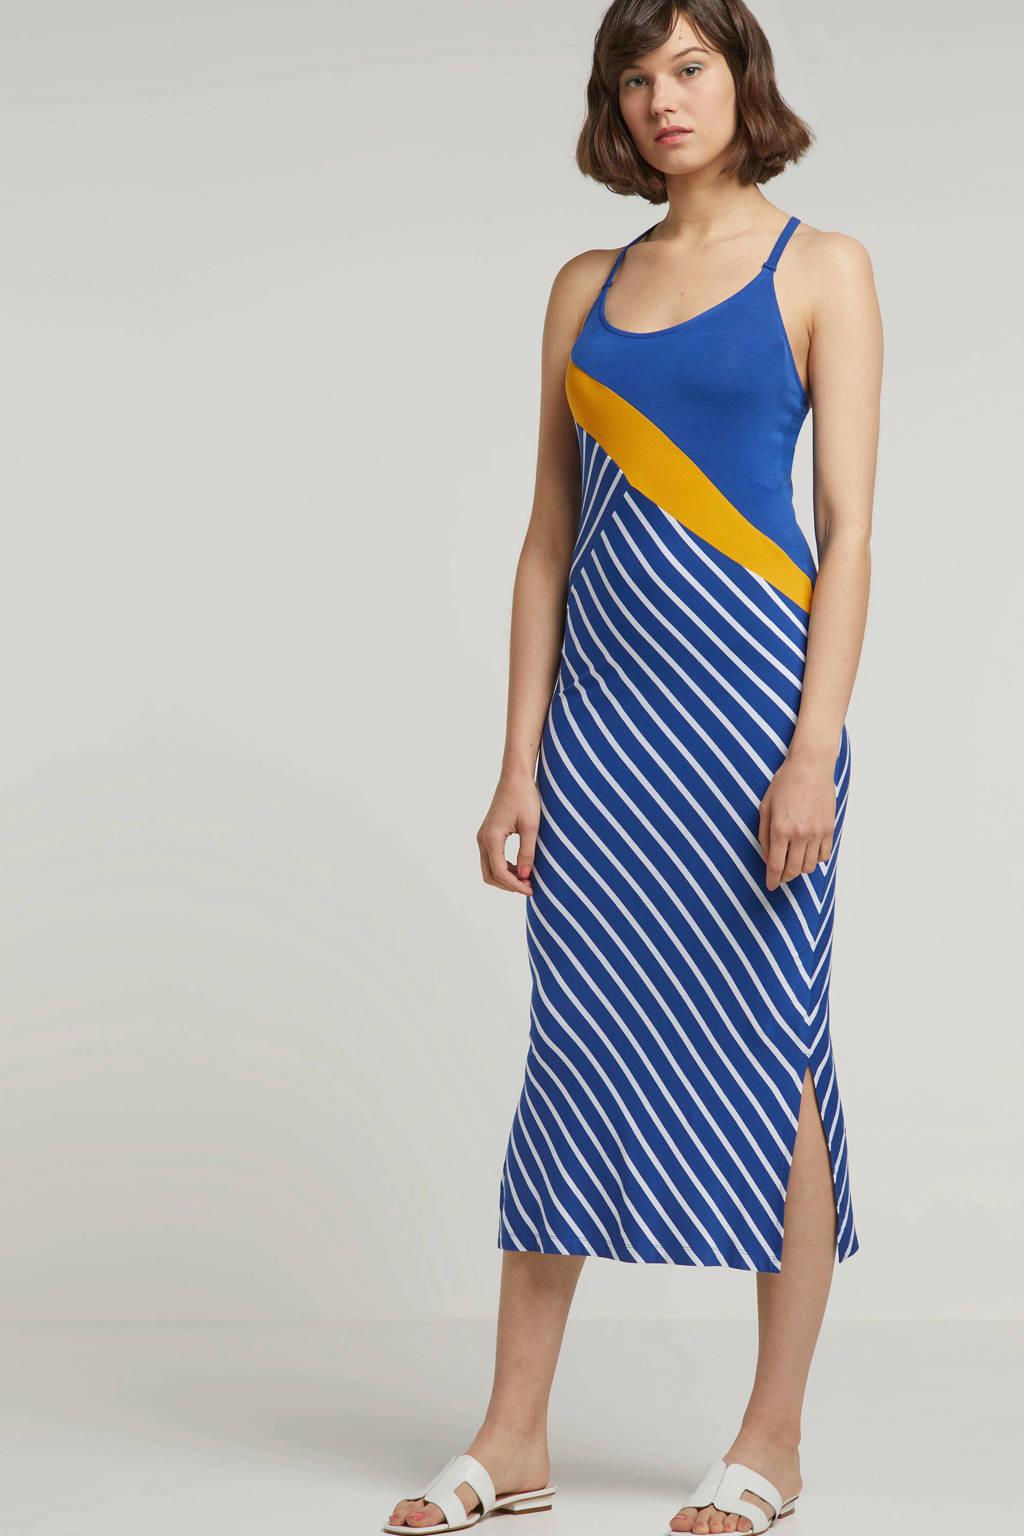 whkmp's beachwave jurk met diagonale streepprint, blauw/ecru/geel